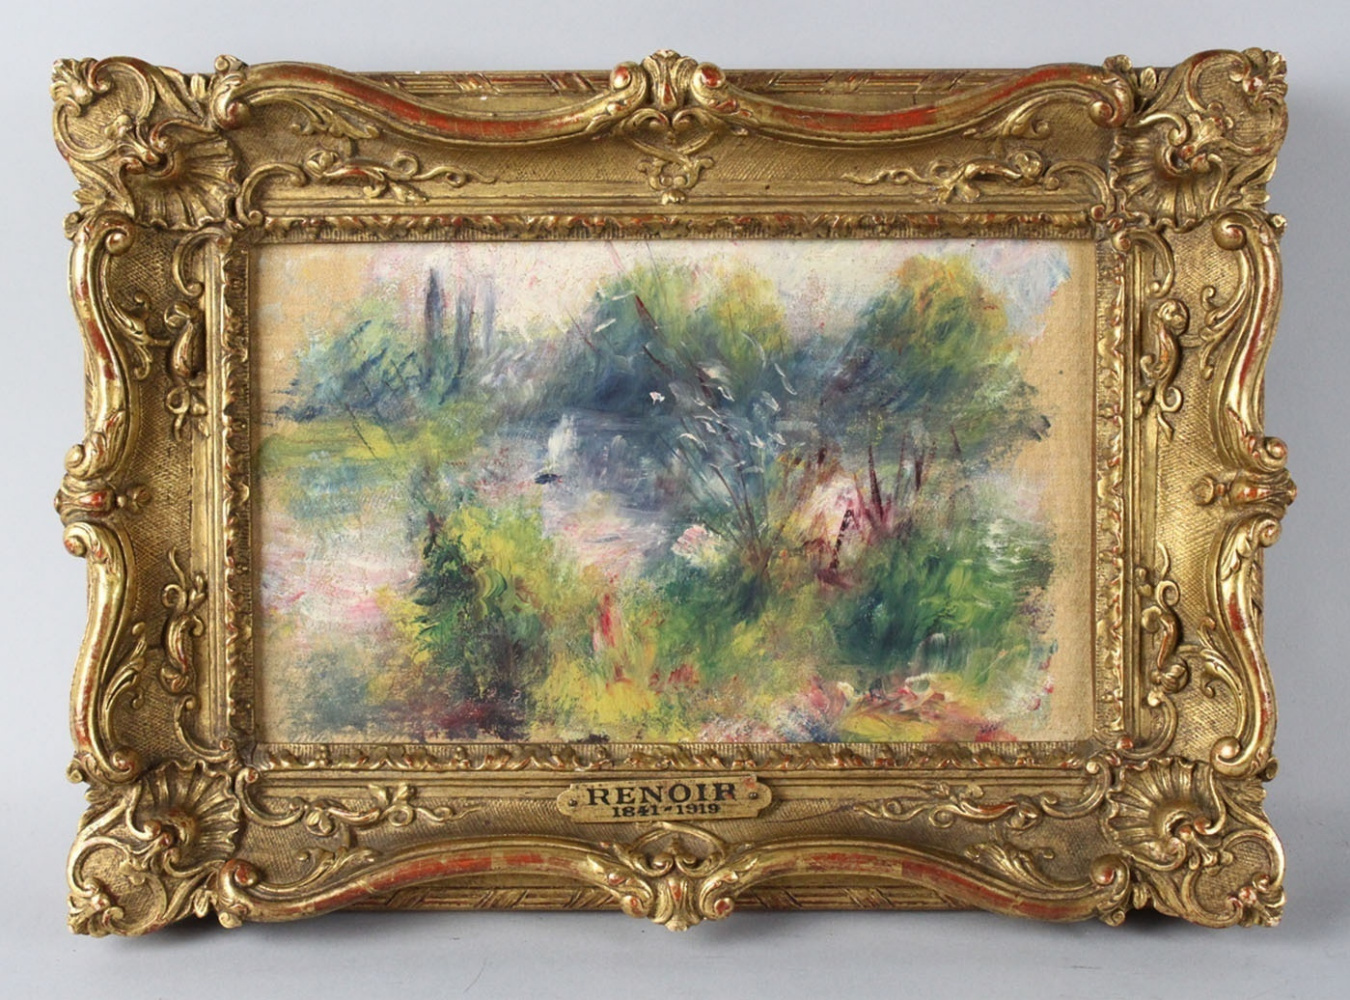 Картина с барахолки - Ренуар?! Аукциона не будет: отдай музею!